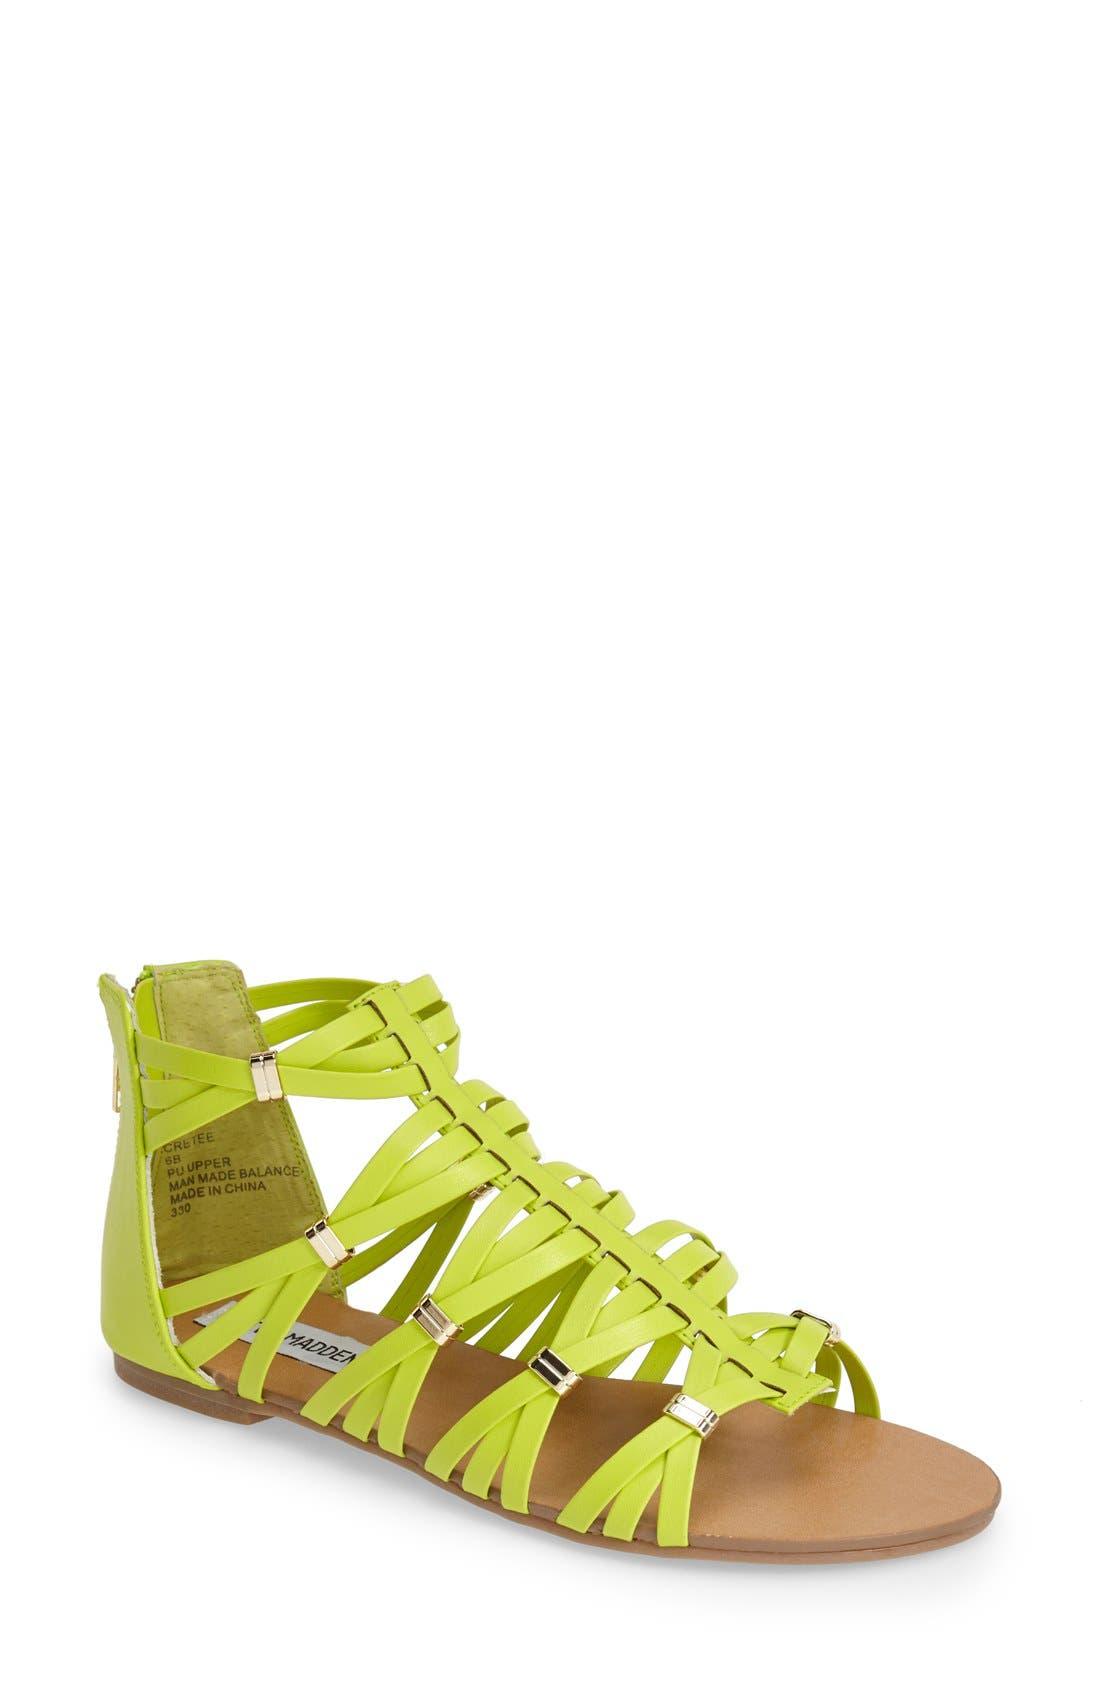 Alternate Image 1 Selected - Steve Madden 'Cretee' Strappy Gladiator Sandal (Women)